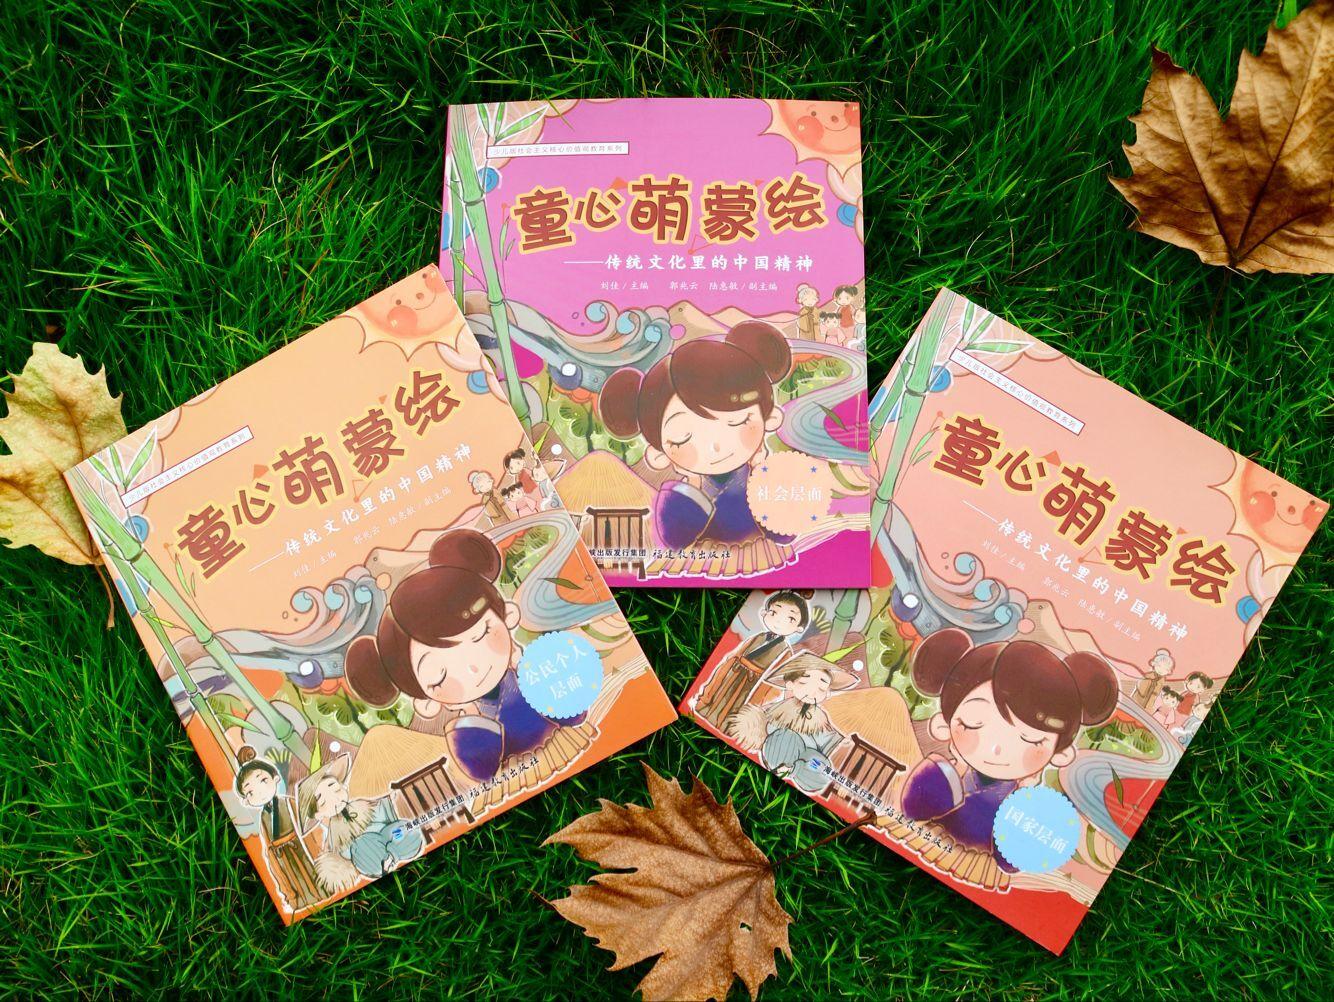 传统文化中的核心精神浸润儿童品德成长